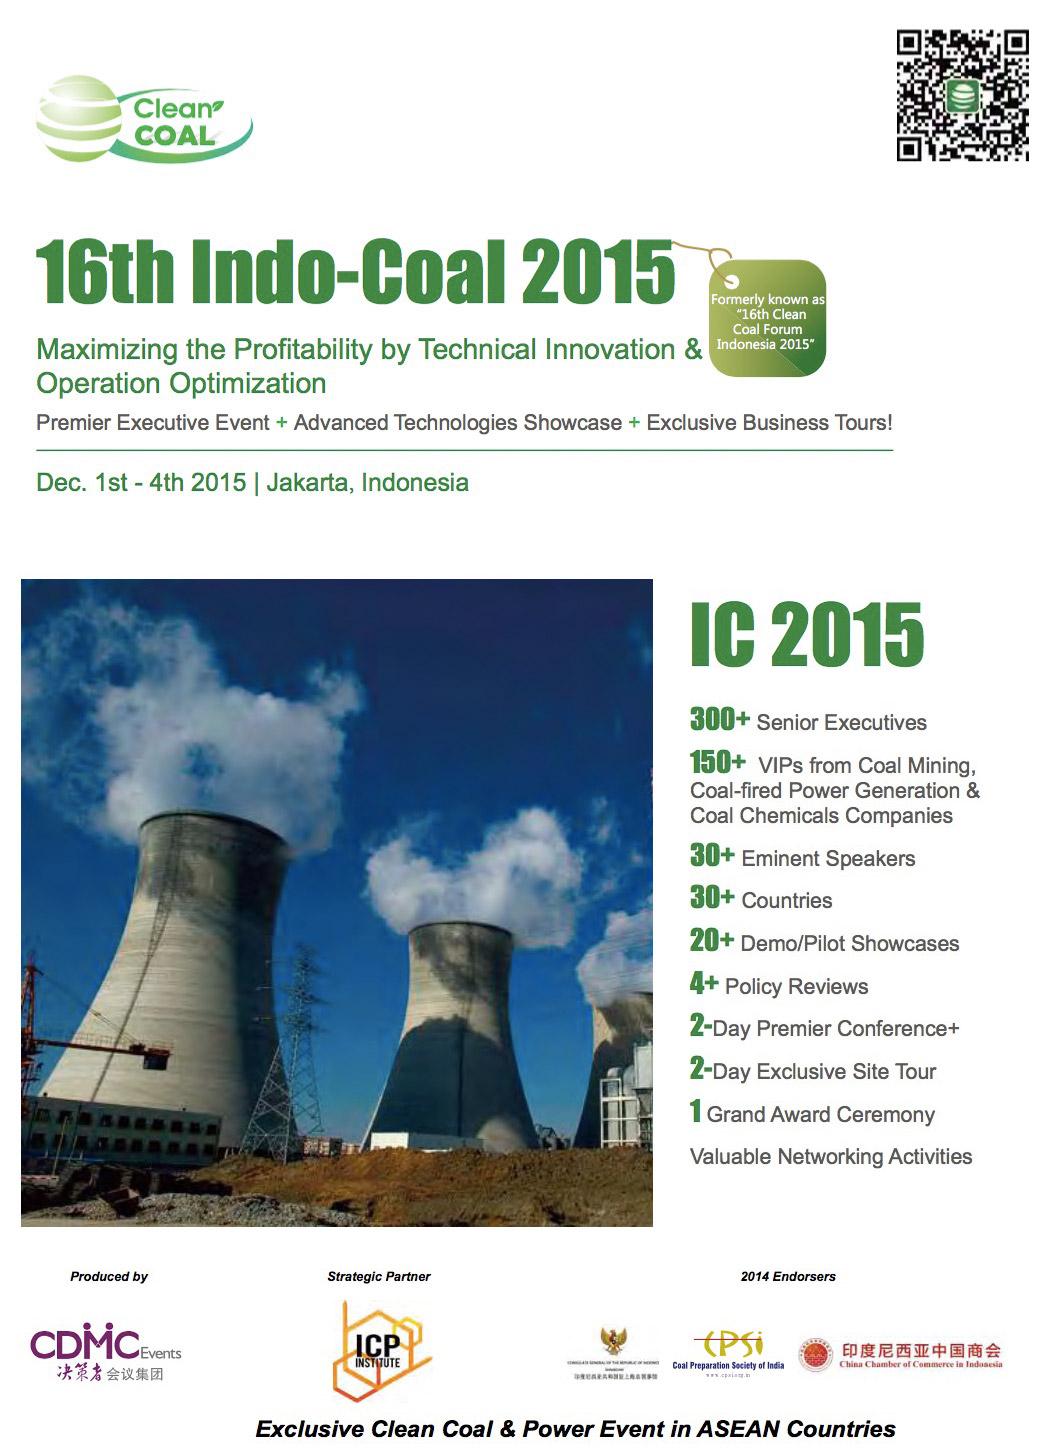 16th Indo-Coal 2015